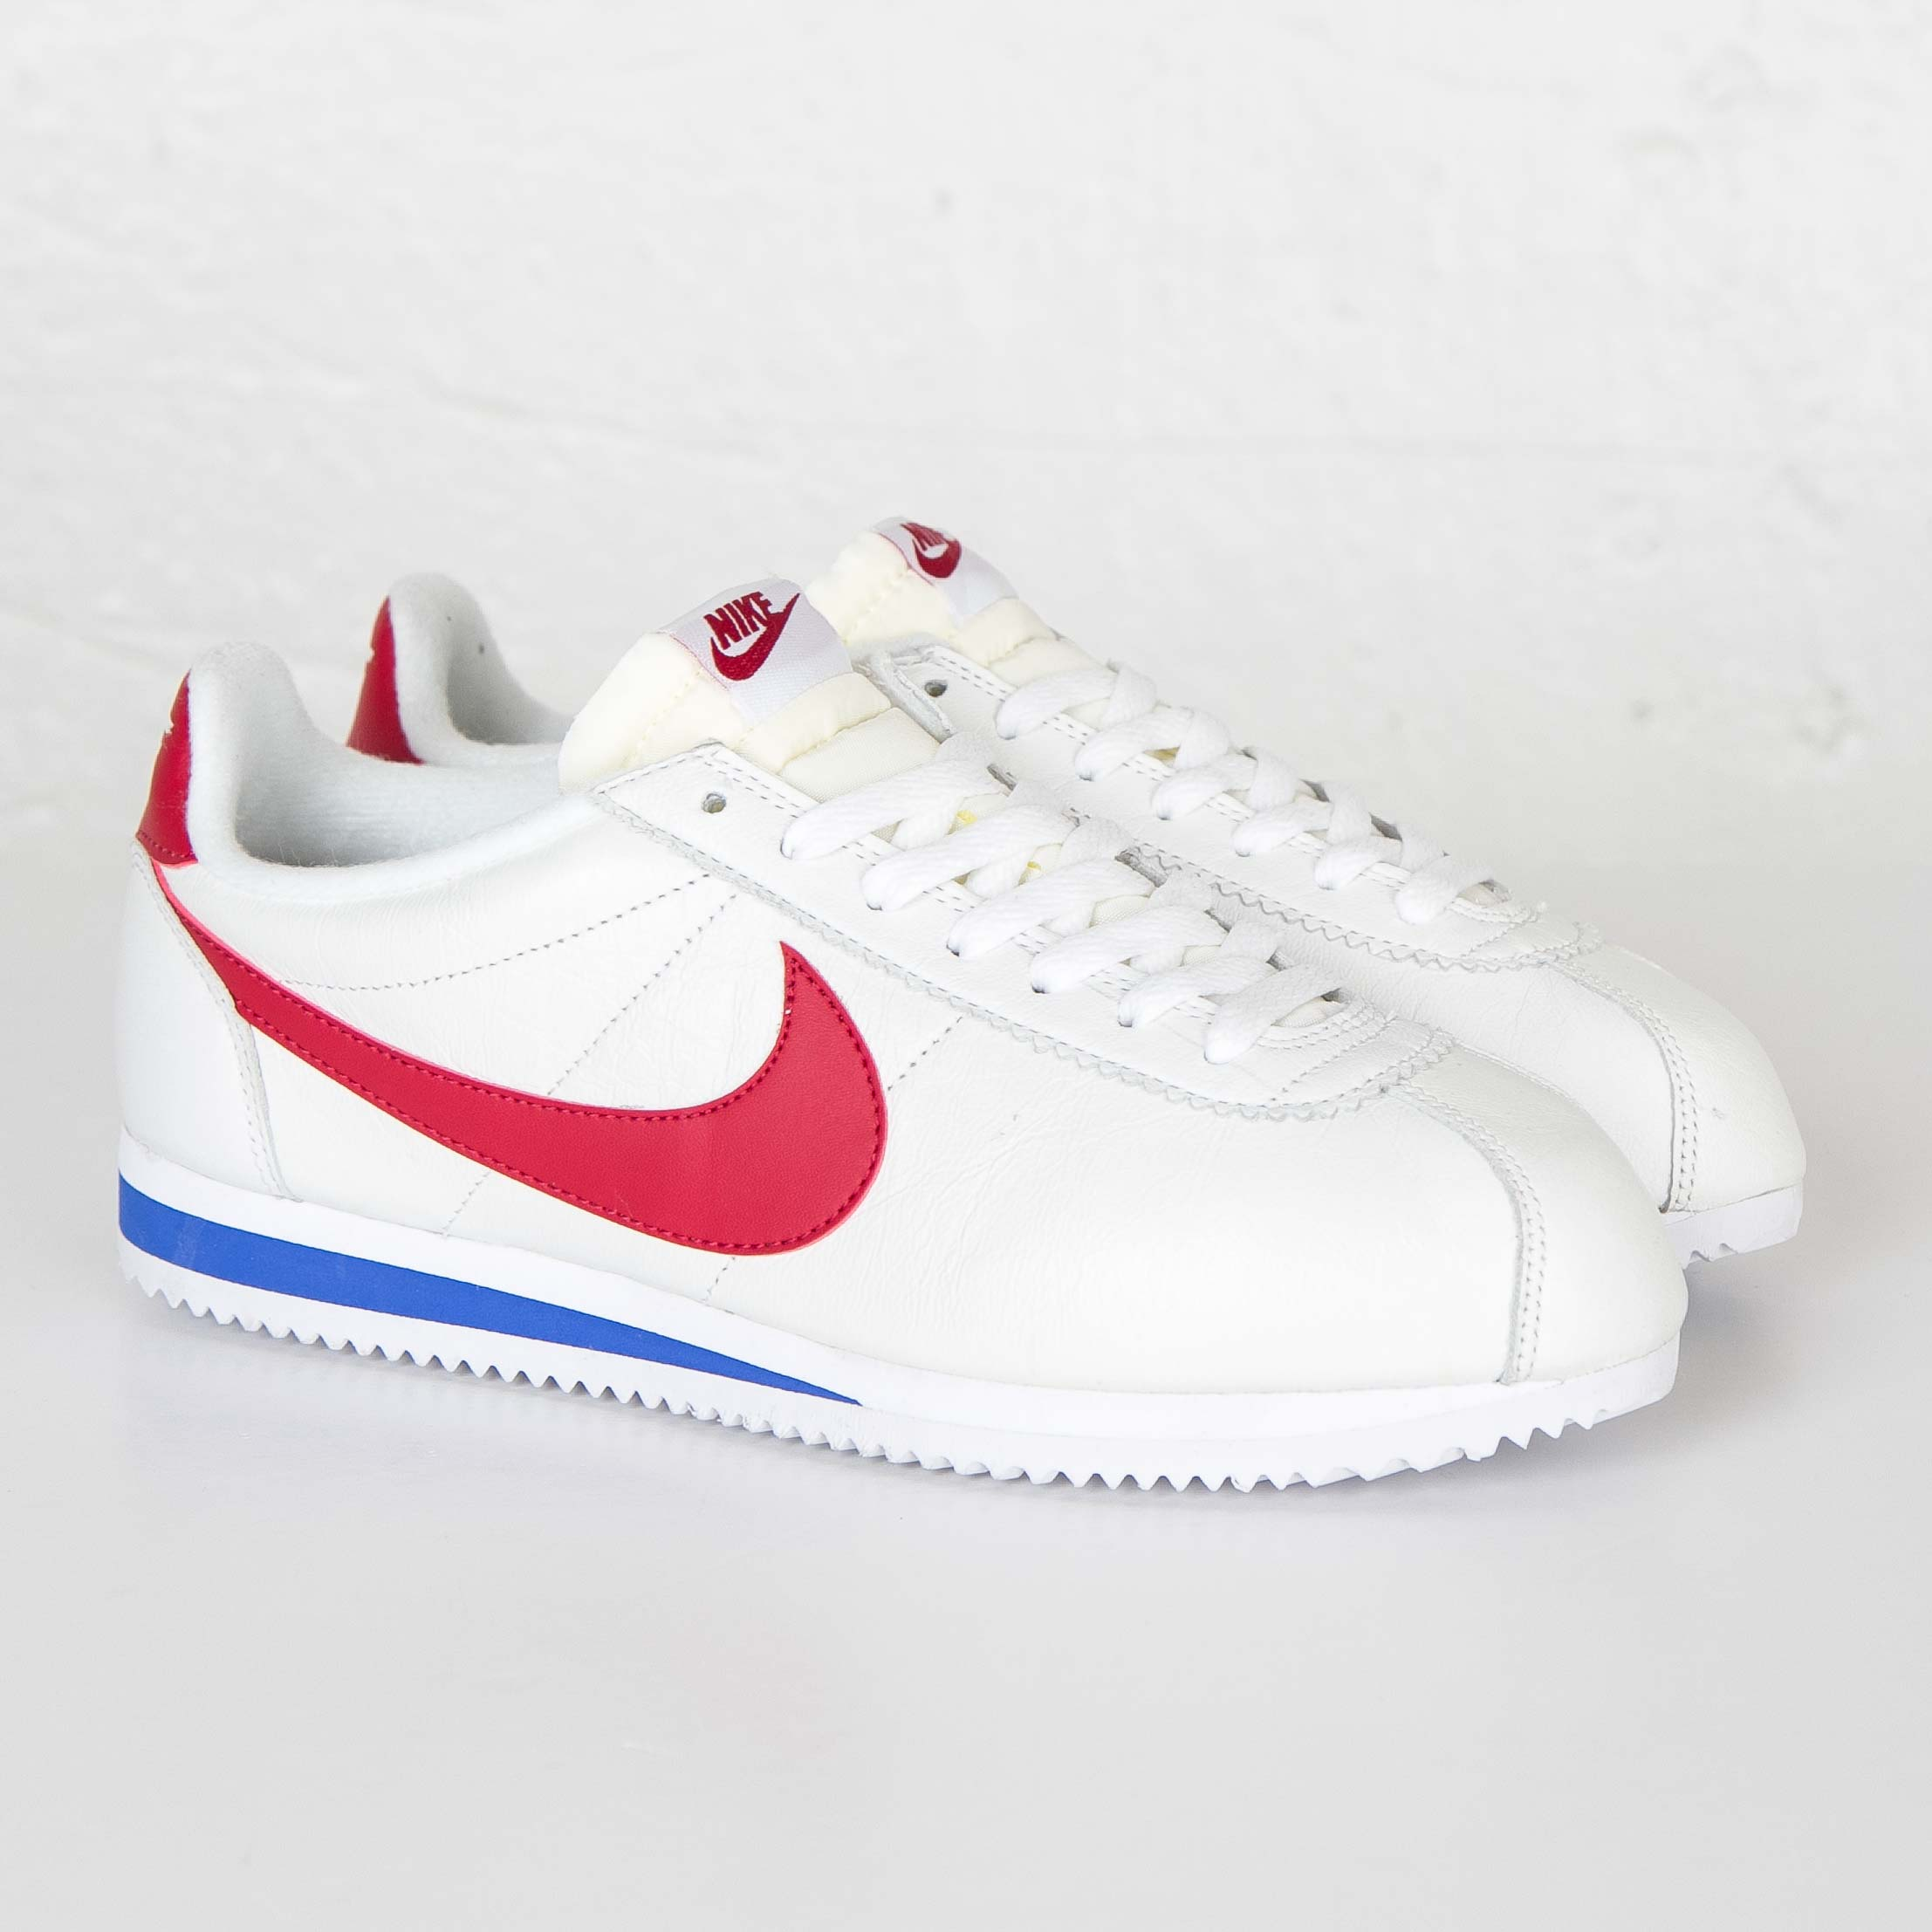 2894913e6 Nike Classic Cortez Premium - 807480-164 - Sneakersnstuff